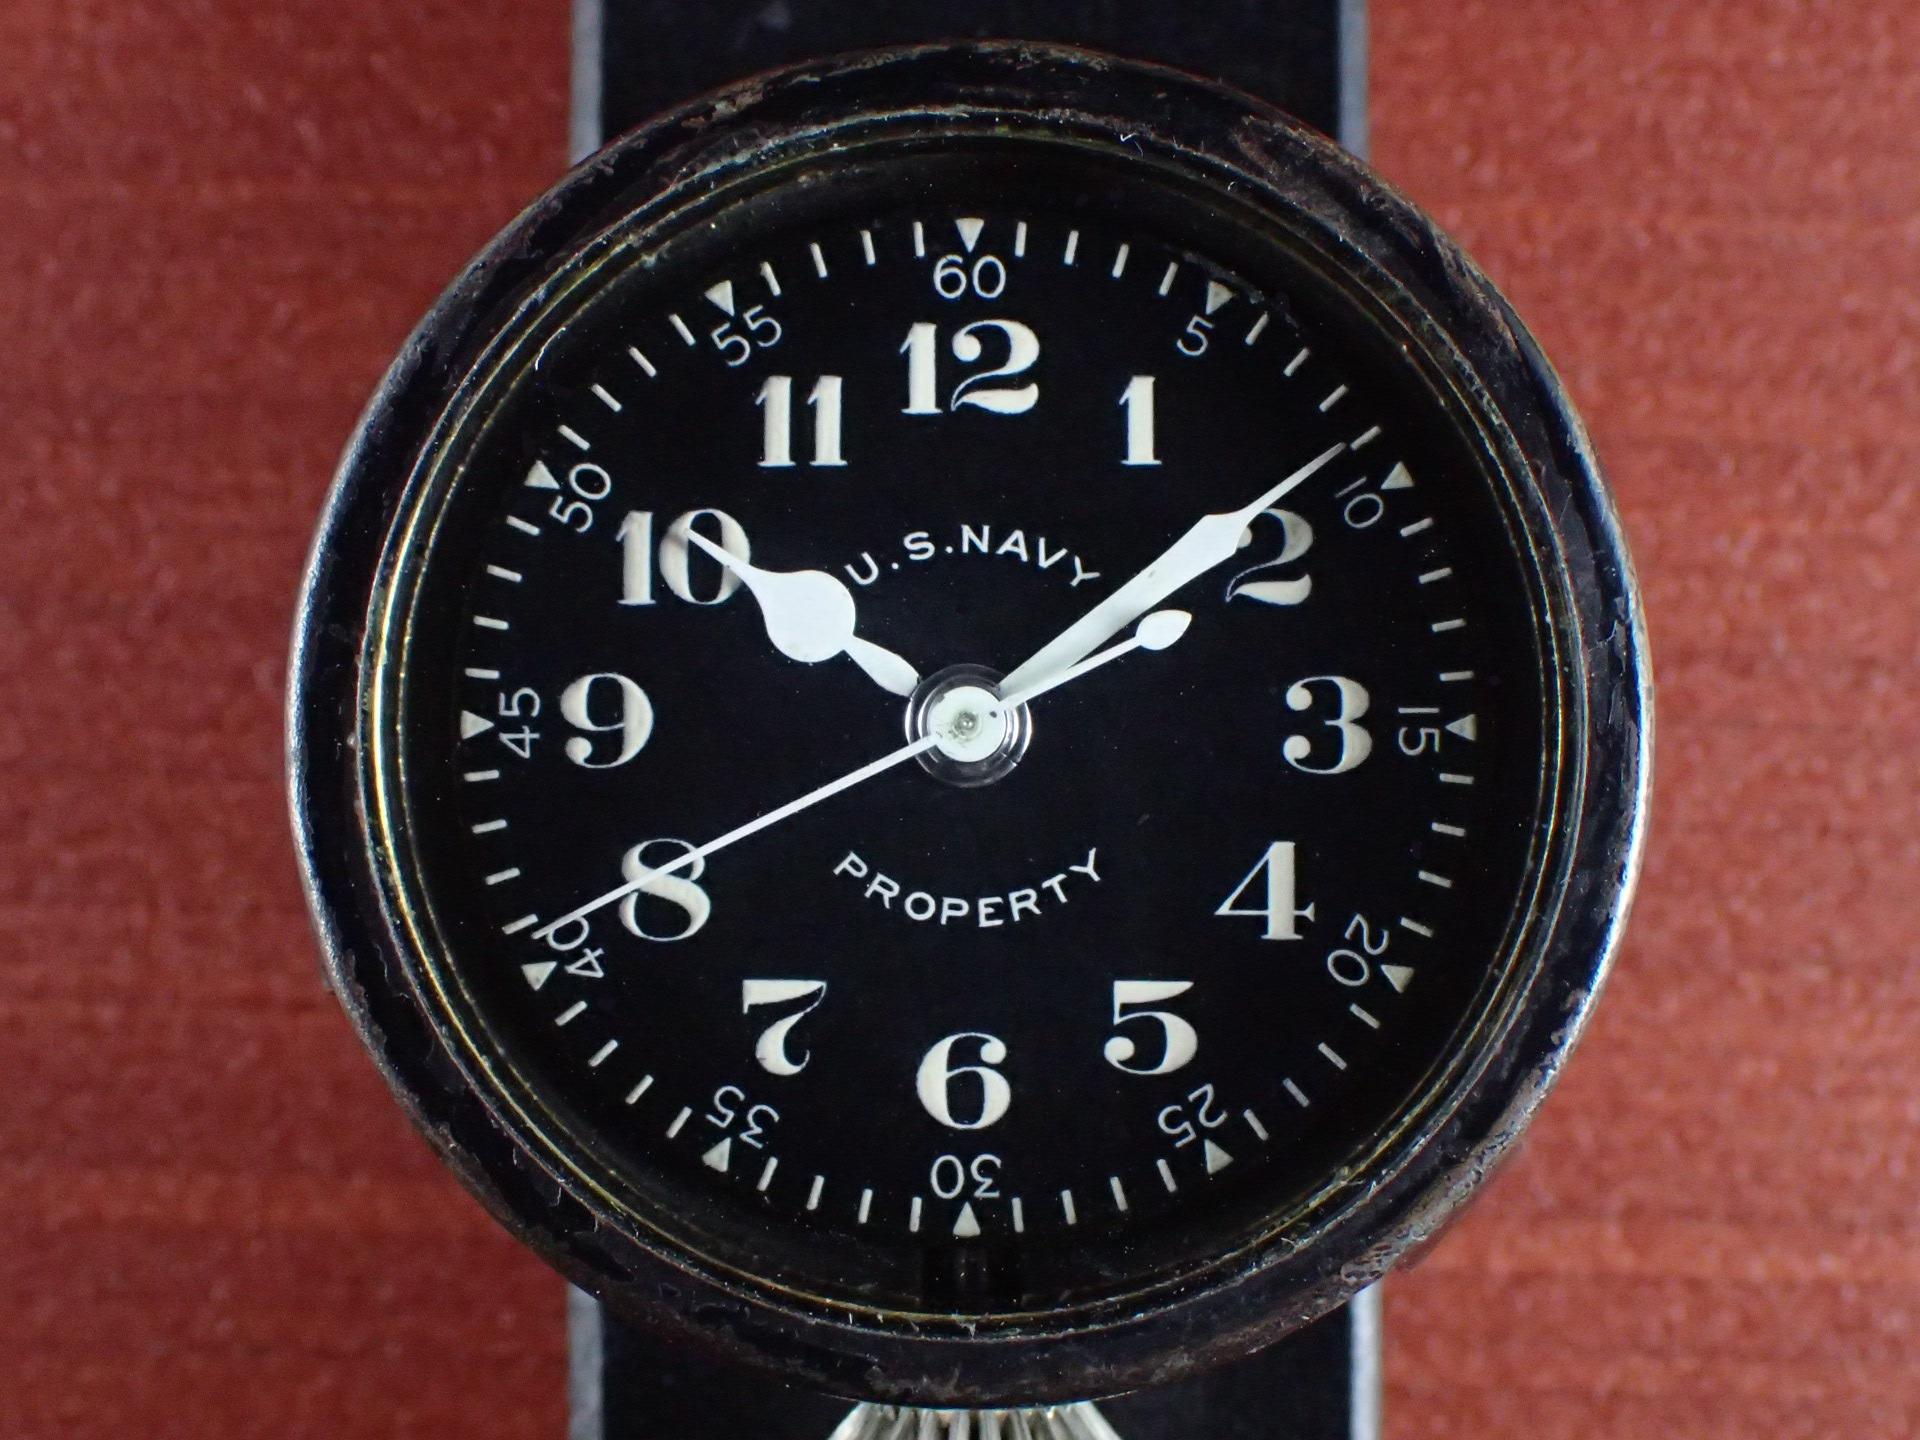 エルジン 米海軍 偵察カメラ用時計 第二次世界大戦 1940年代の写真2枚目